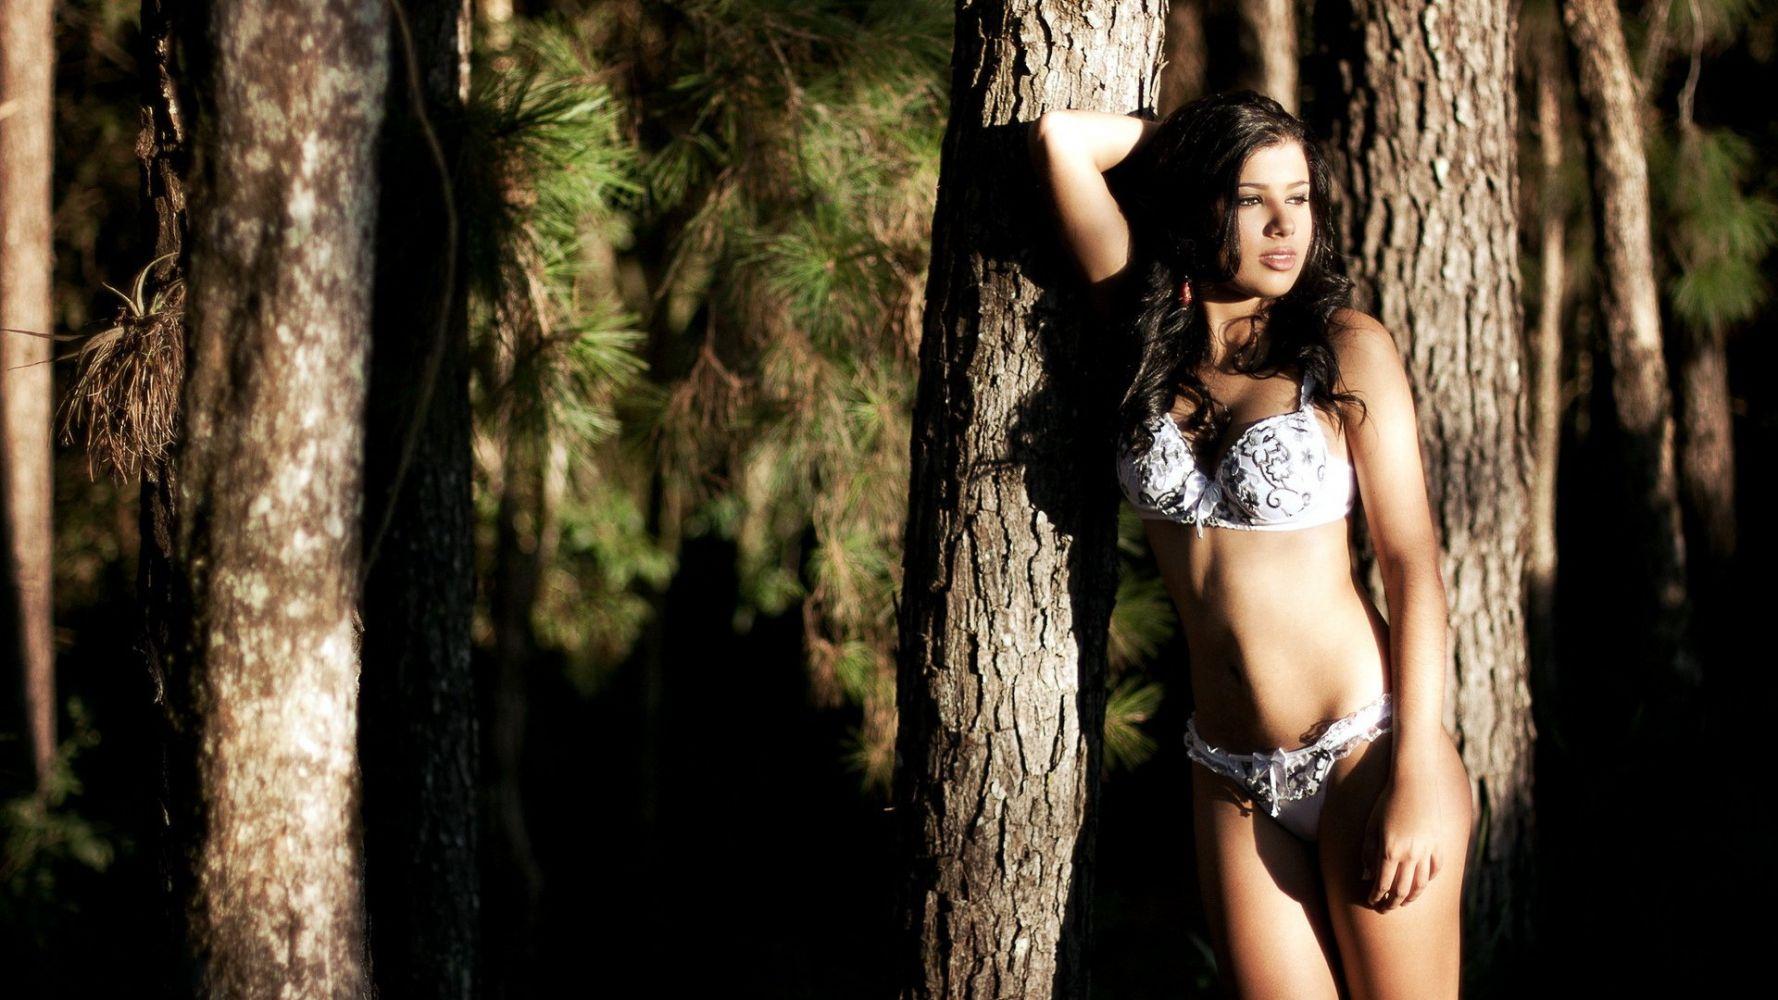 уйти всех эротическая фотосессия в лесу тревога перемешались